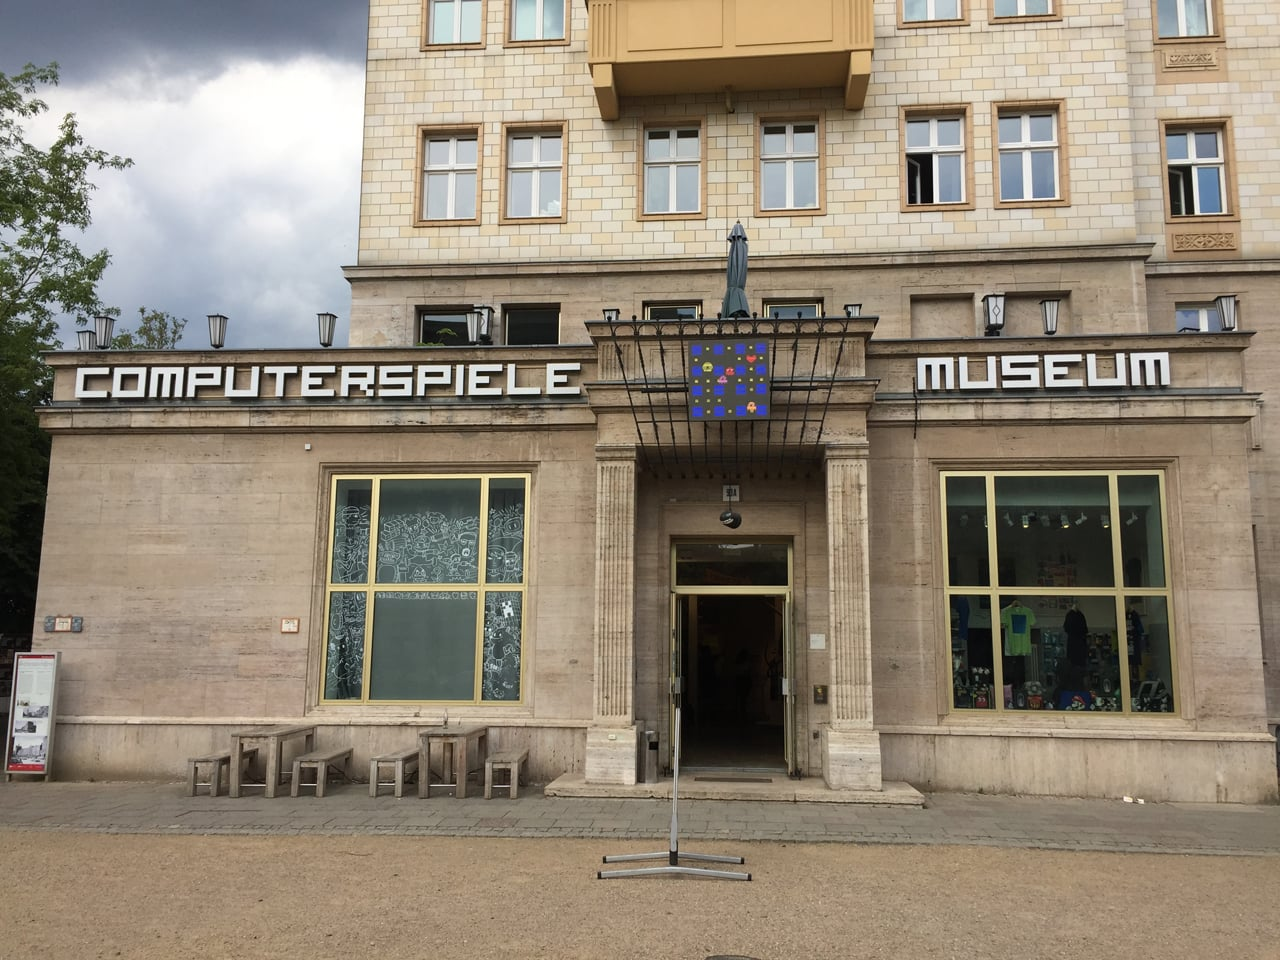 Computerspielemuseum, videoherní muzeum v Berlíně